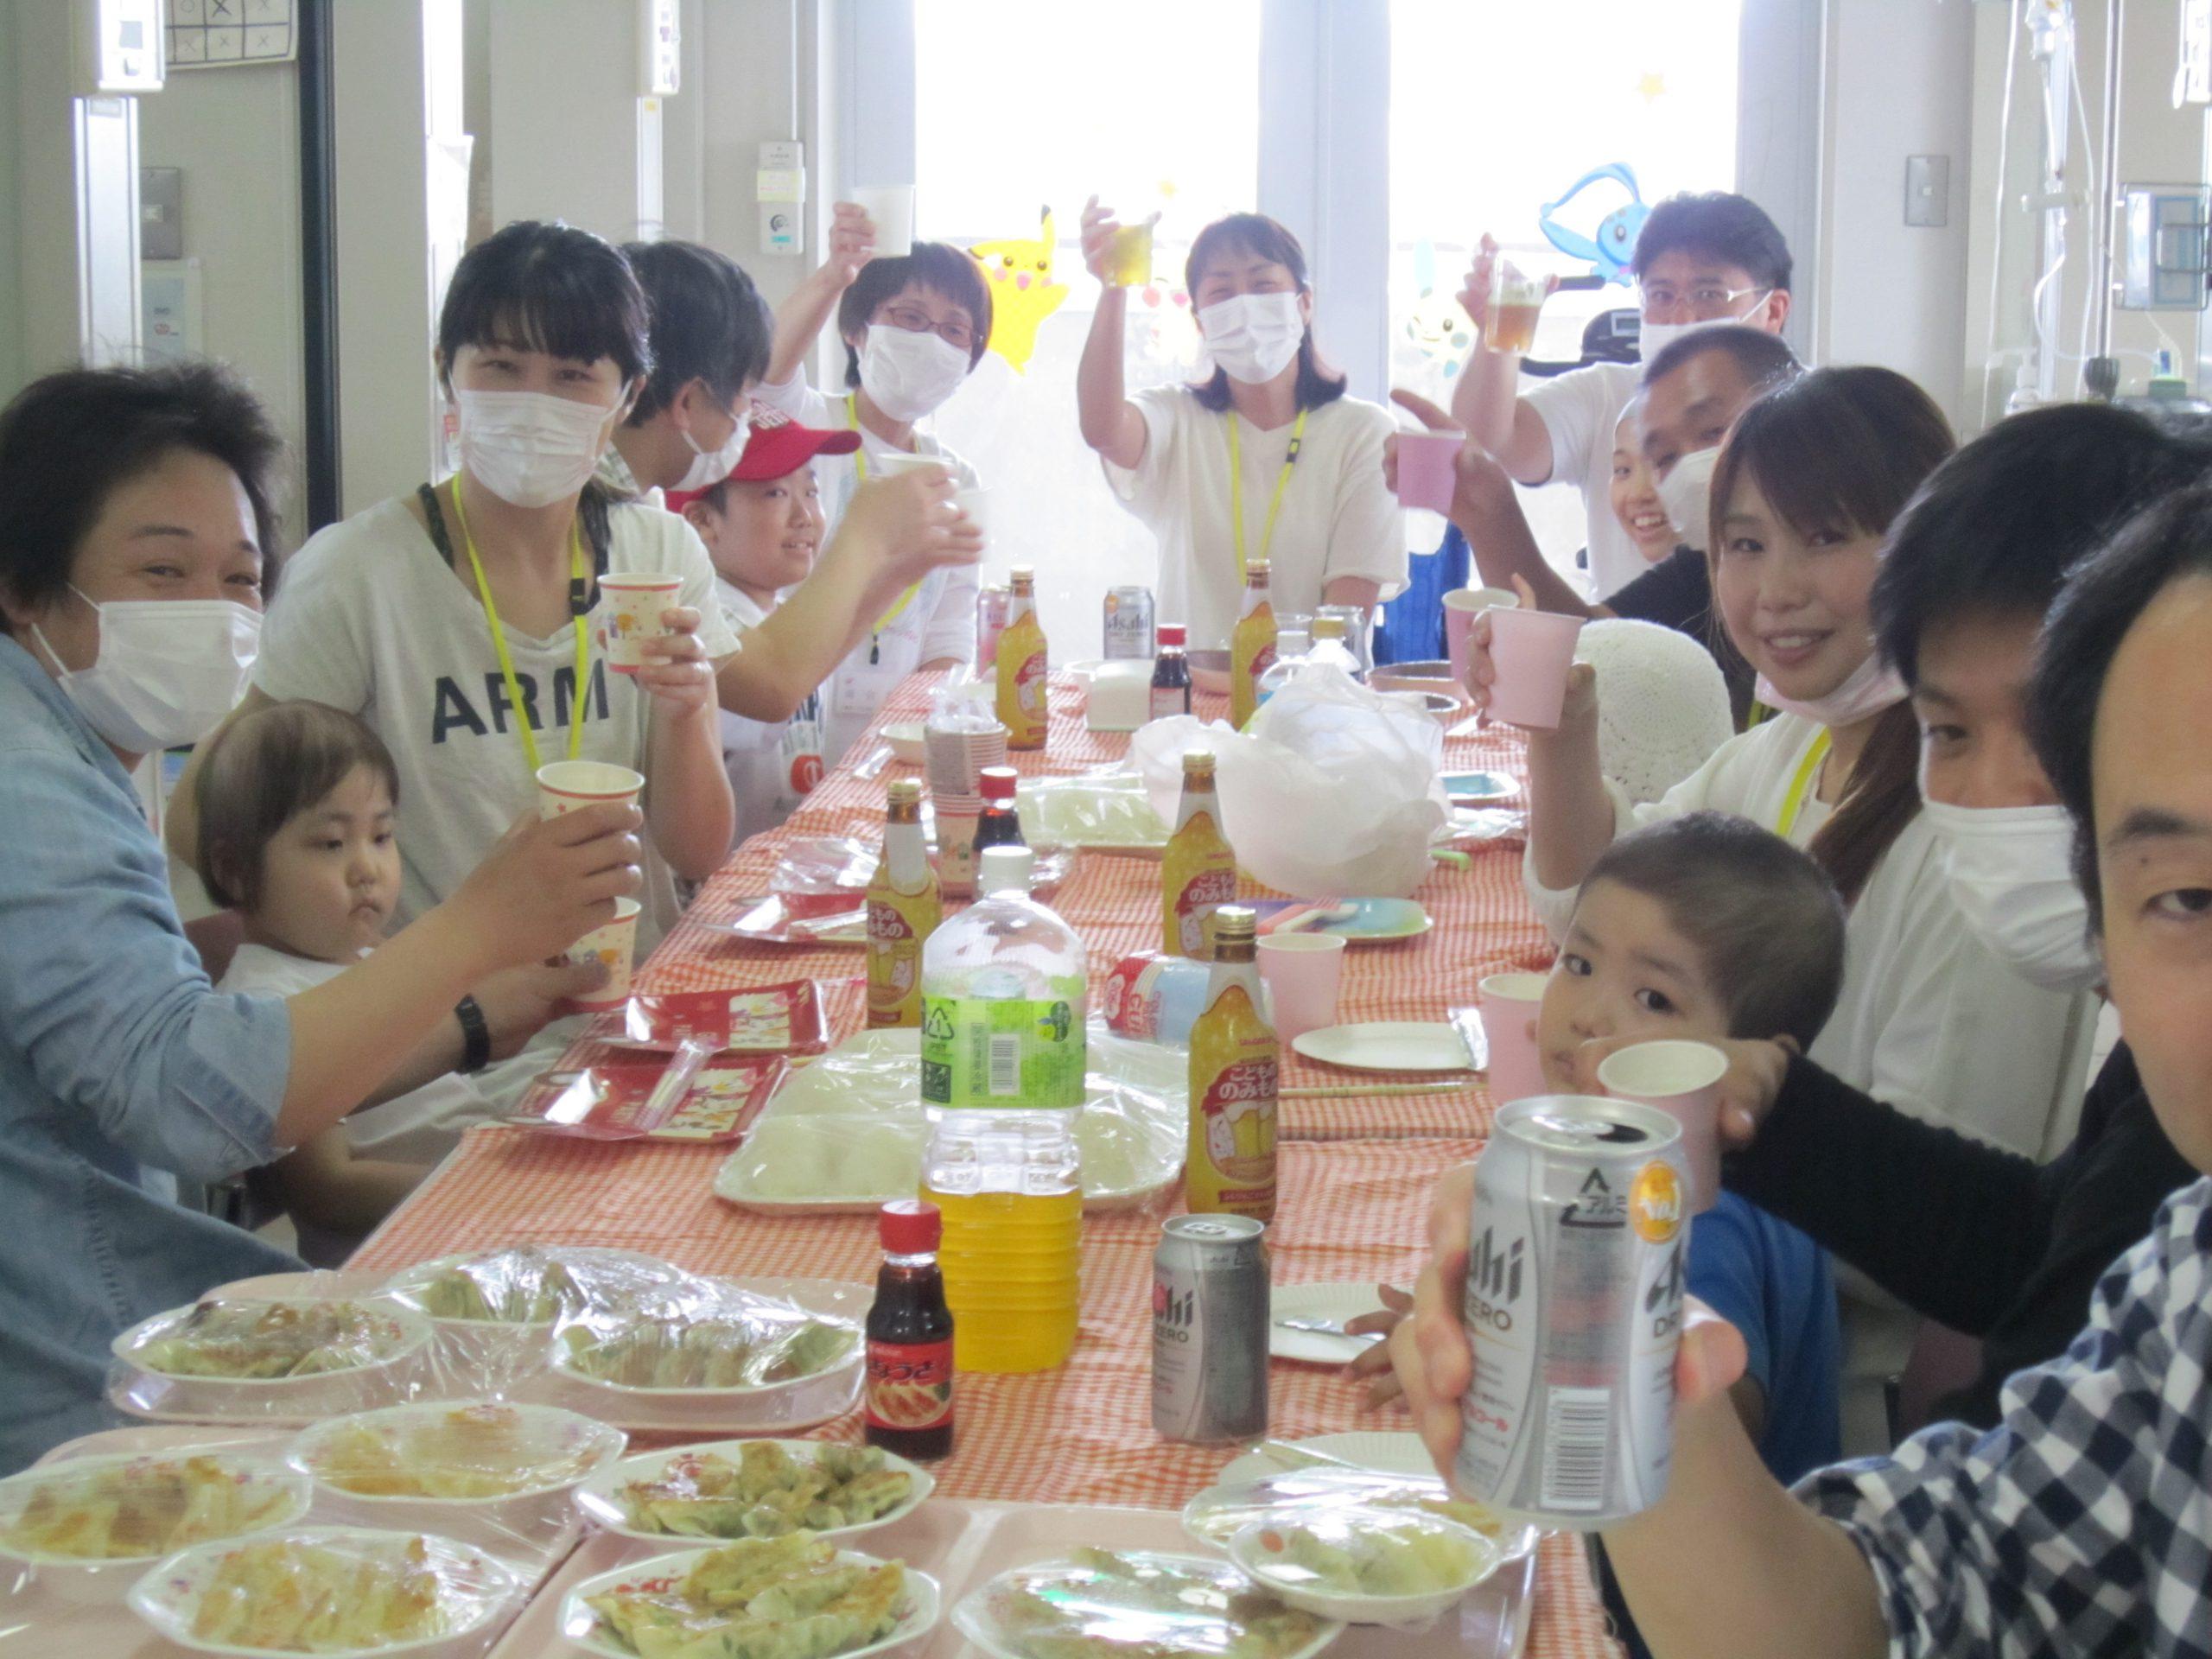 6月8日 千葉県こども病院 父の日 餃子・おにぎりパーティー